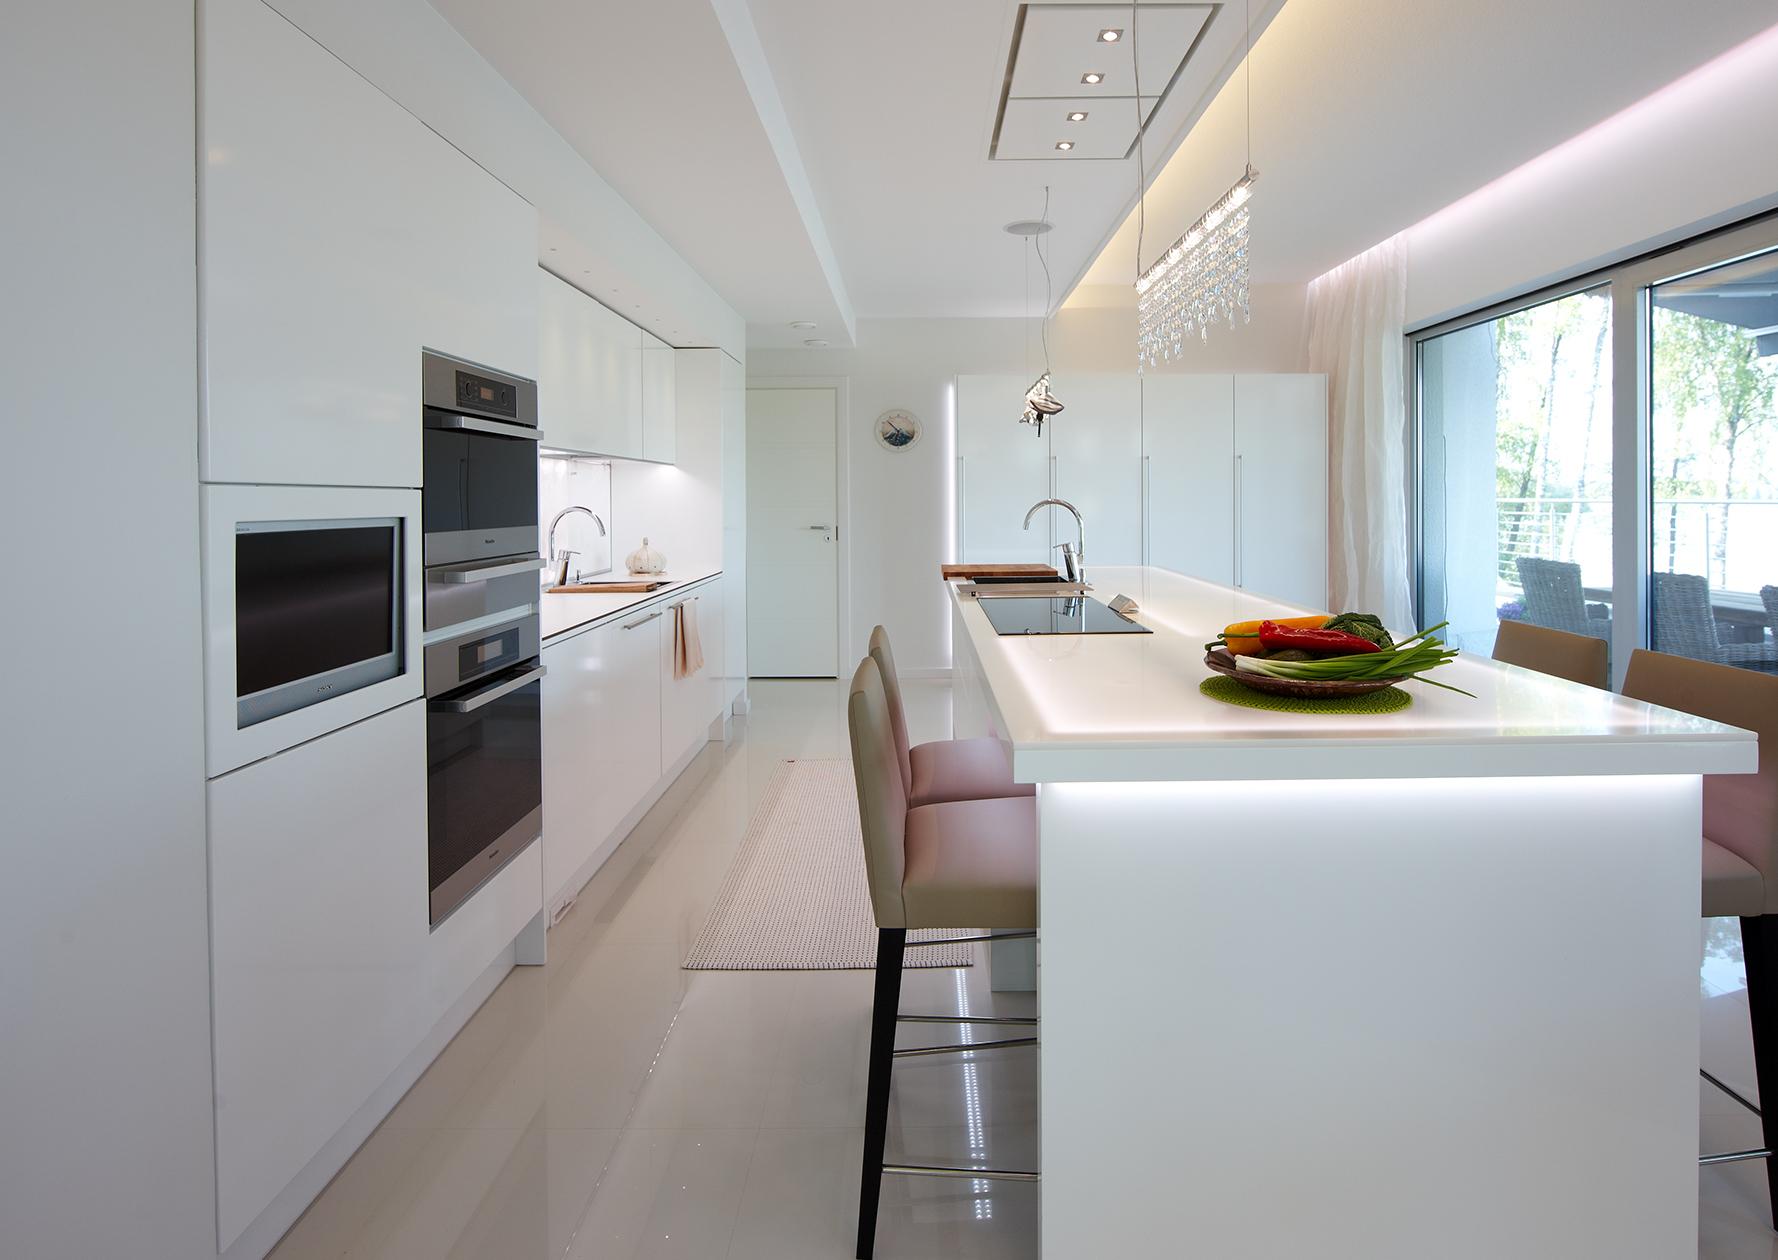 Потолок со светодиодной подсветкой в стиле минимализм